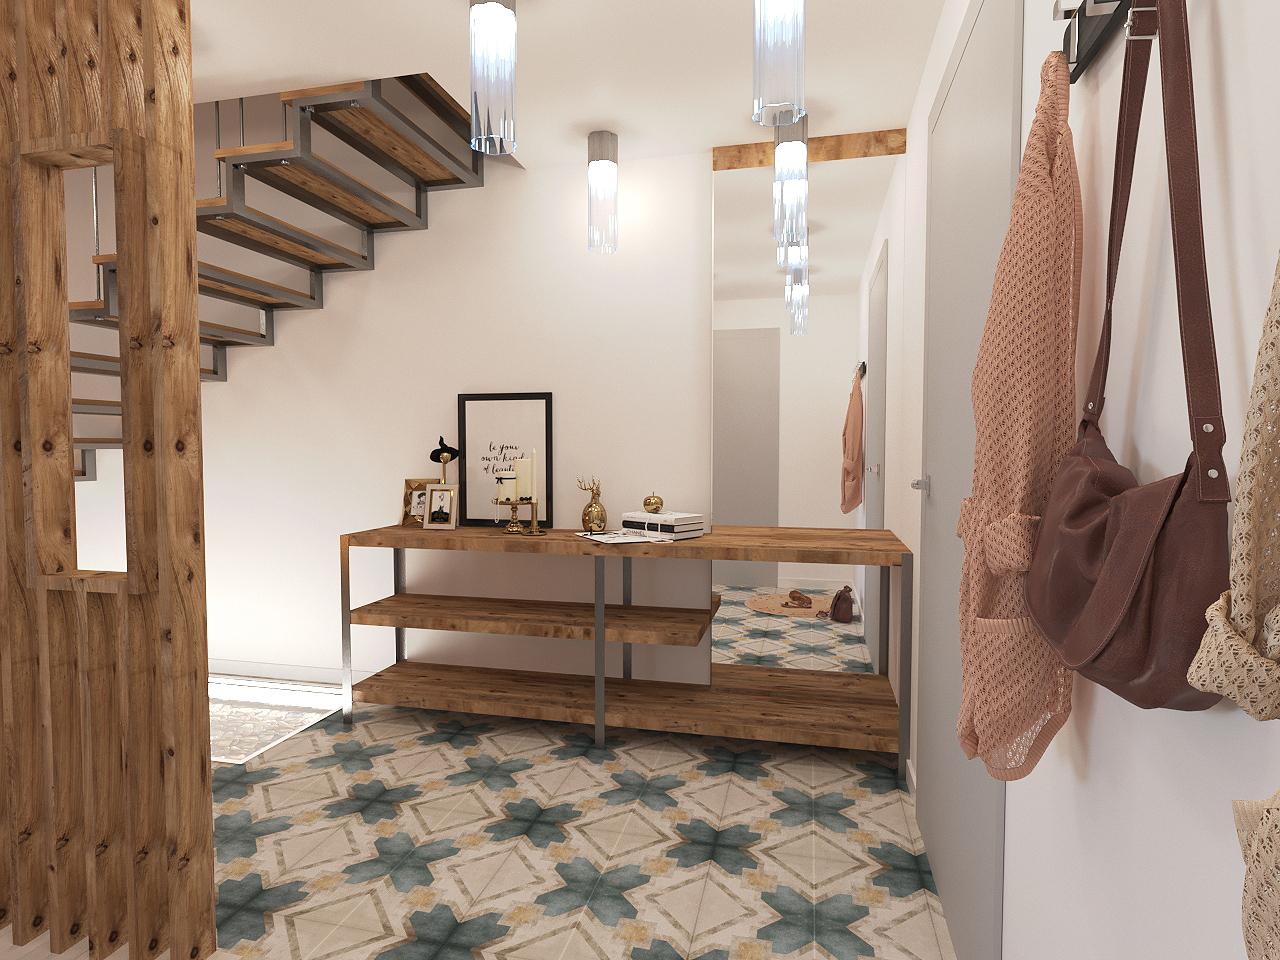 Дизайн проект интерьера первого уровня квартиры 69,9 м.кв. фото f_7735a857e5ac5fd8.jpg